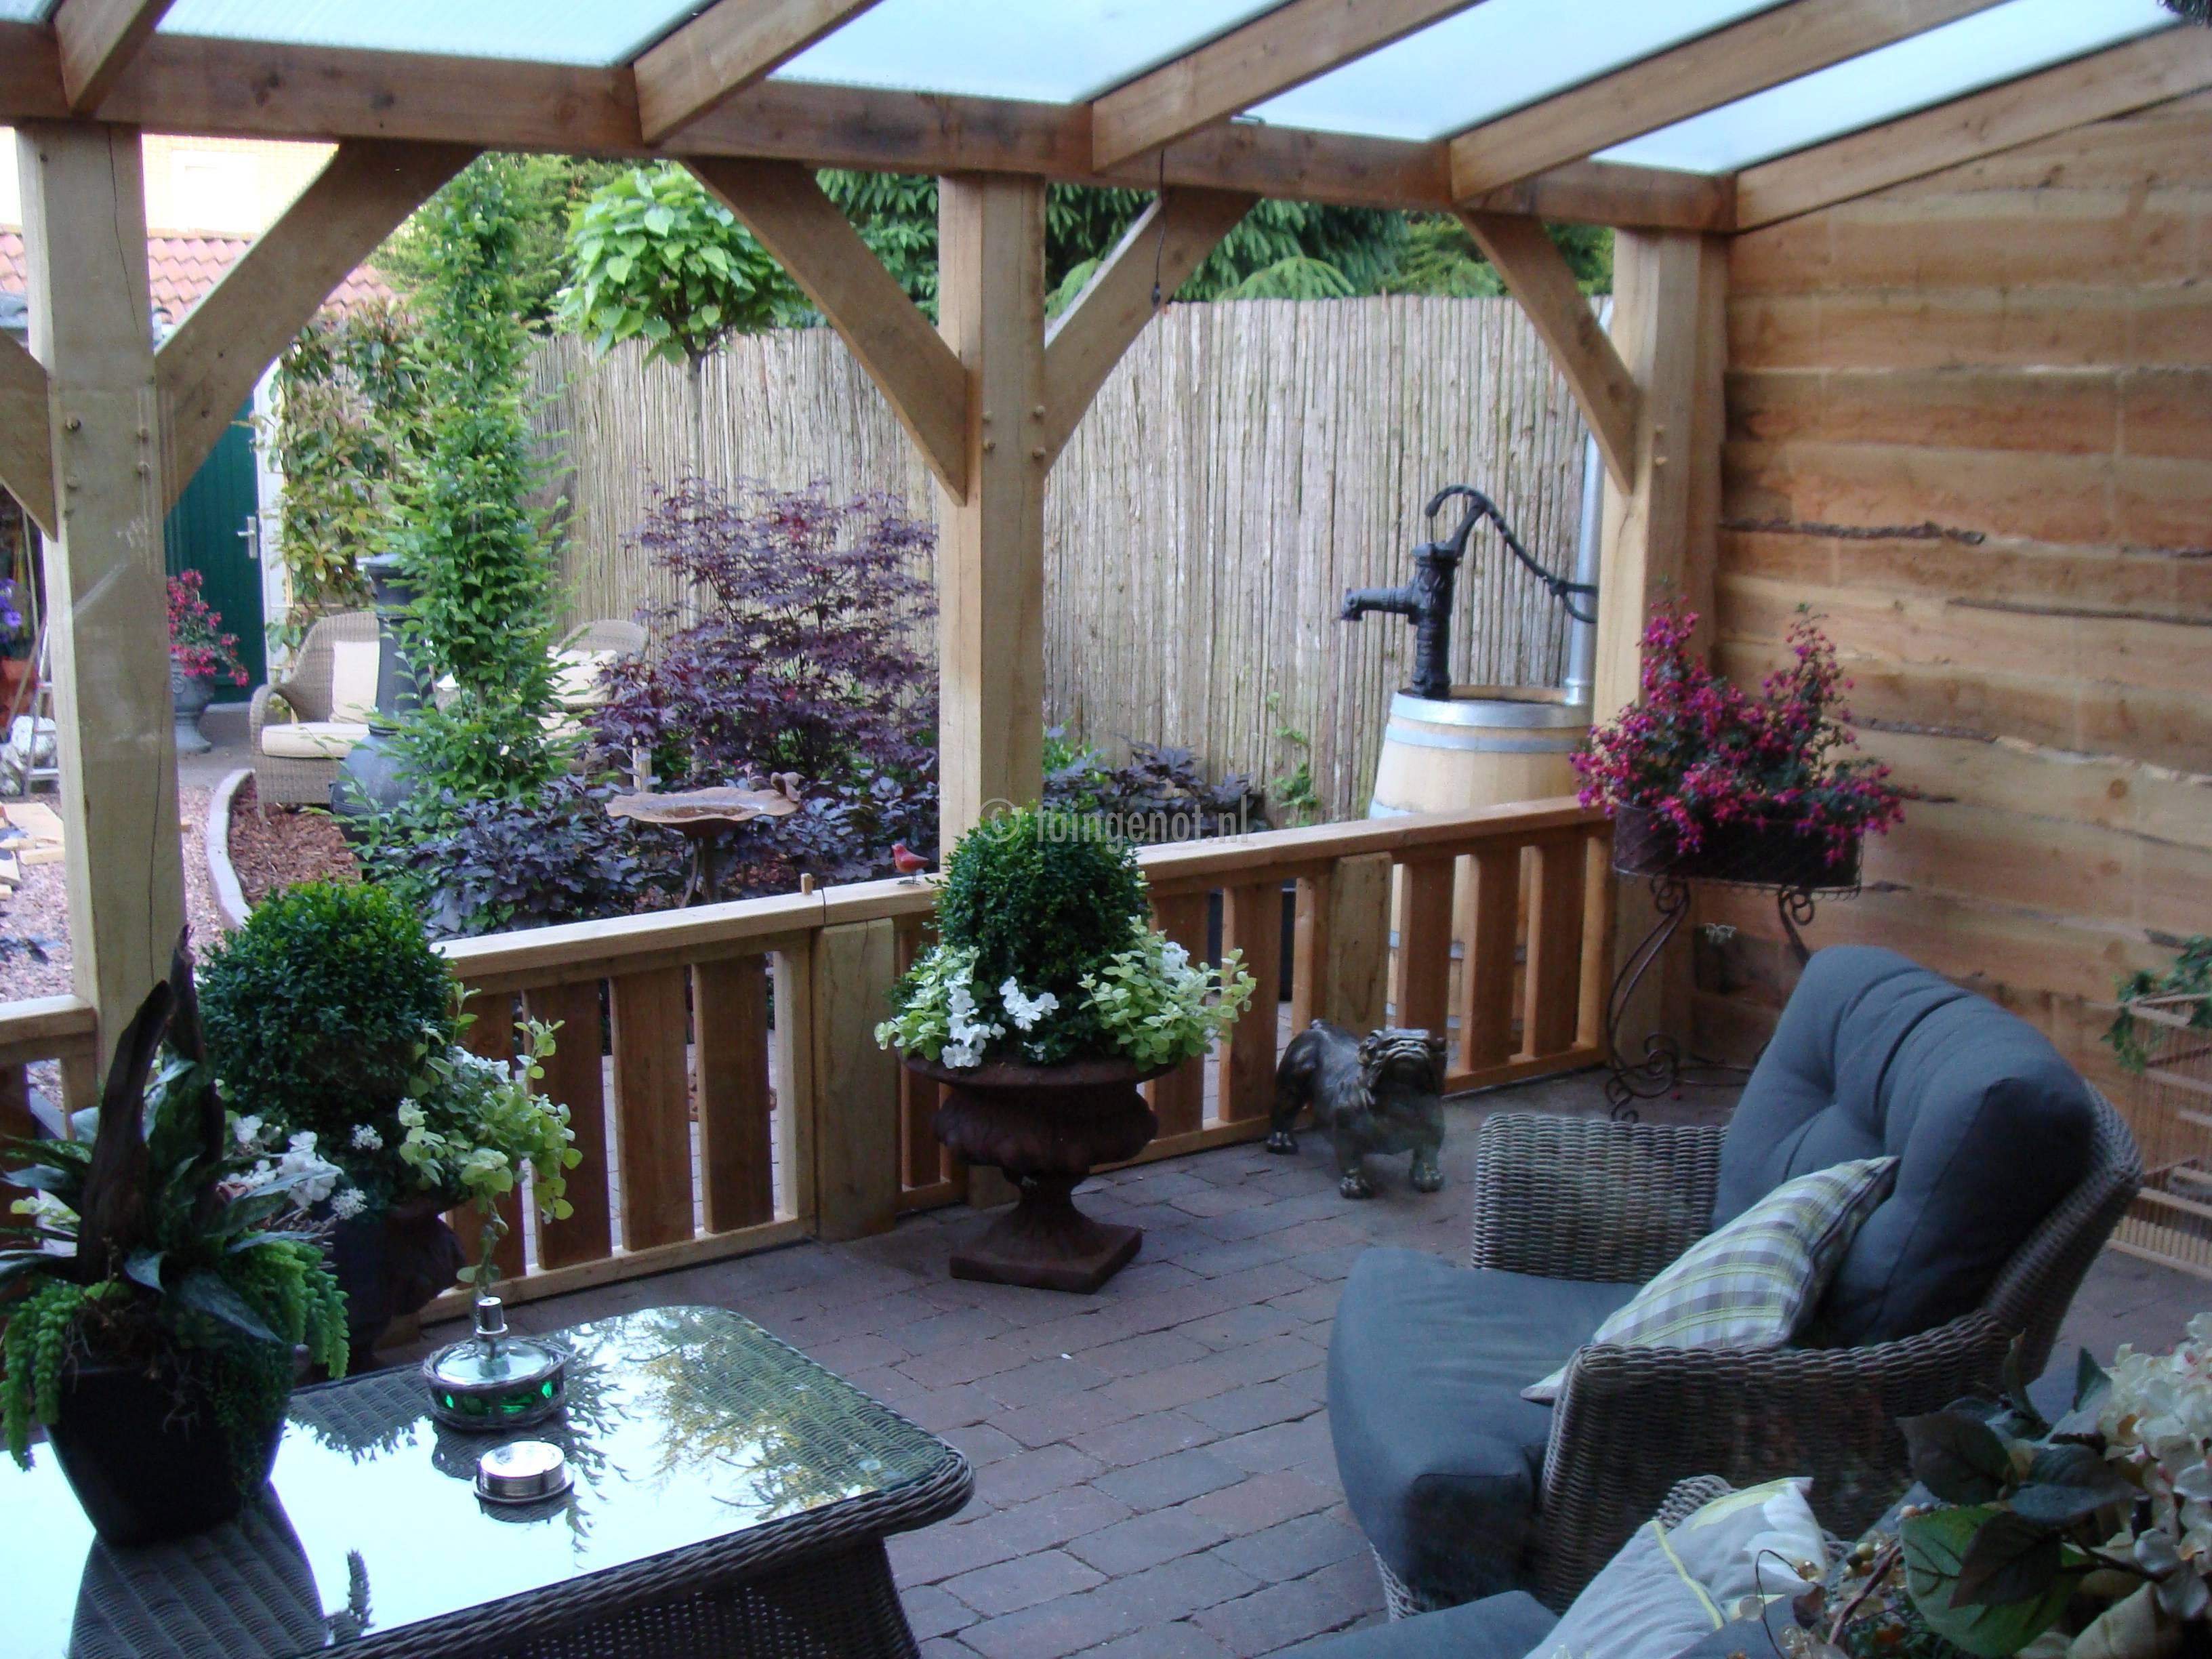 Tuingenot lariks houten veranda overkapping met epdm daksingels polycarbonaat pvc of glazen - Decoratie binnen veranda ...